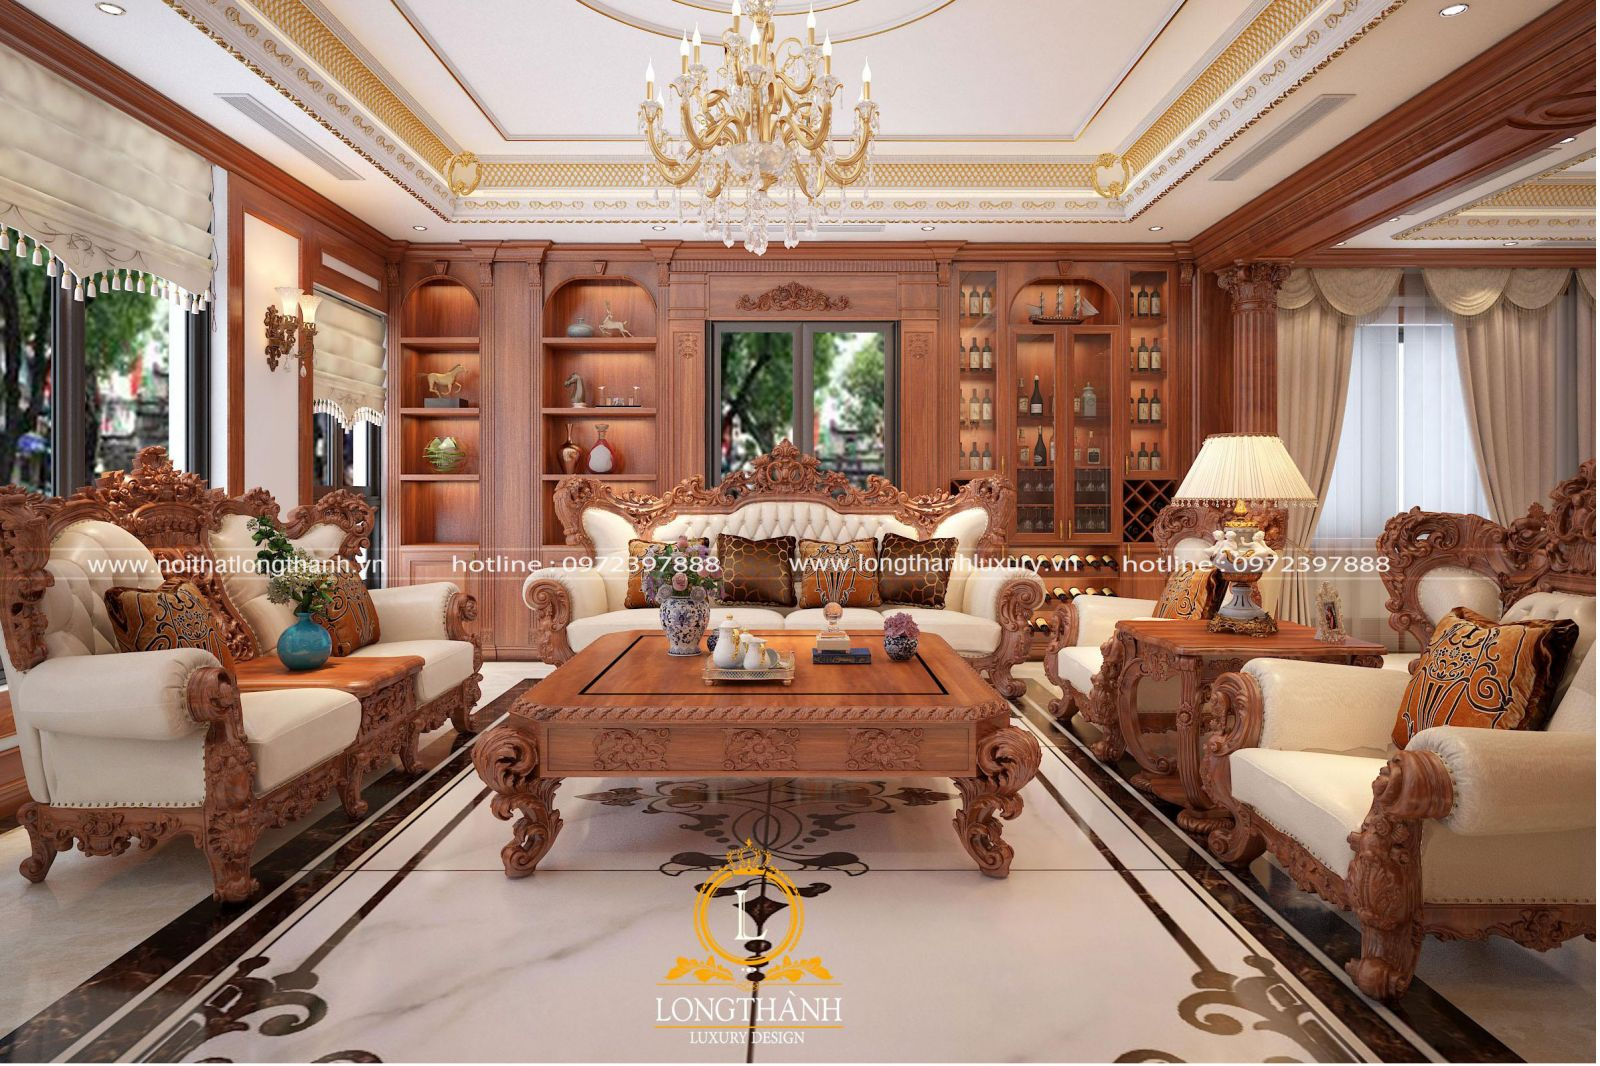 sofa tân cổ điển đẹp cho phòng khách